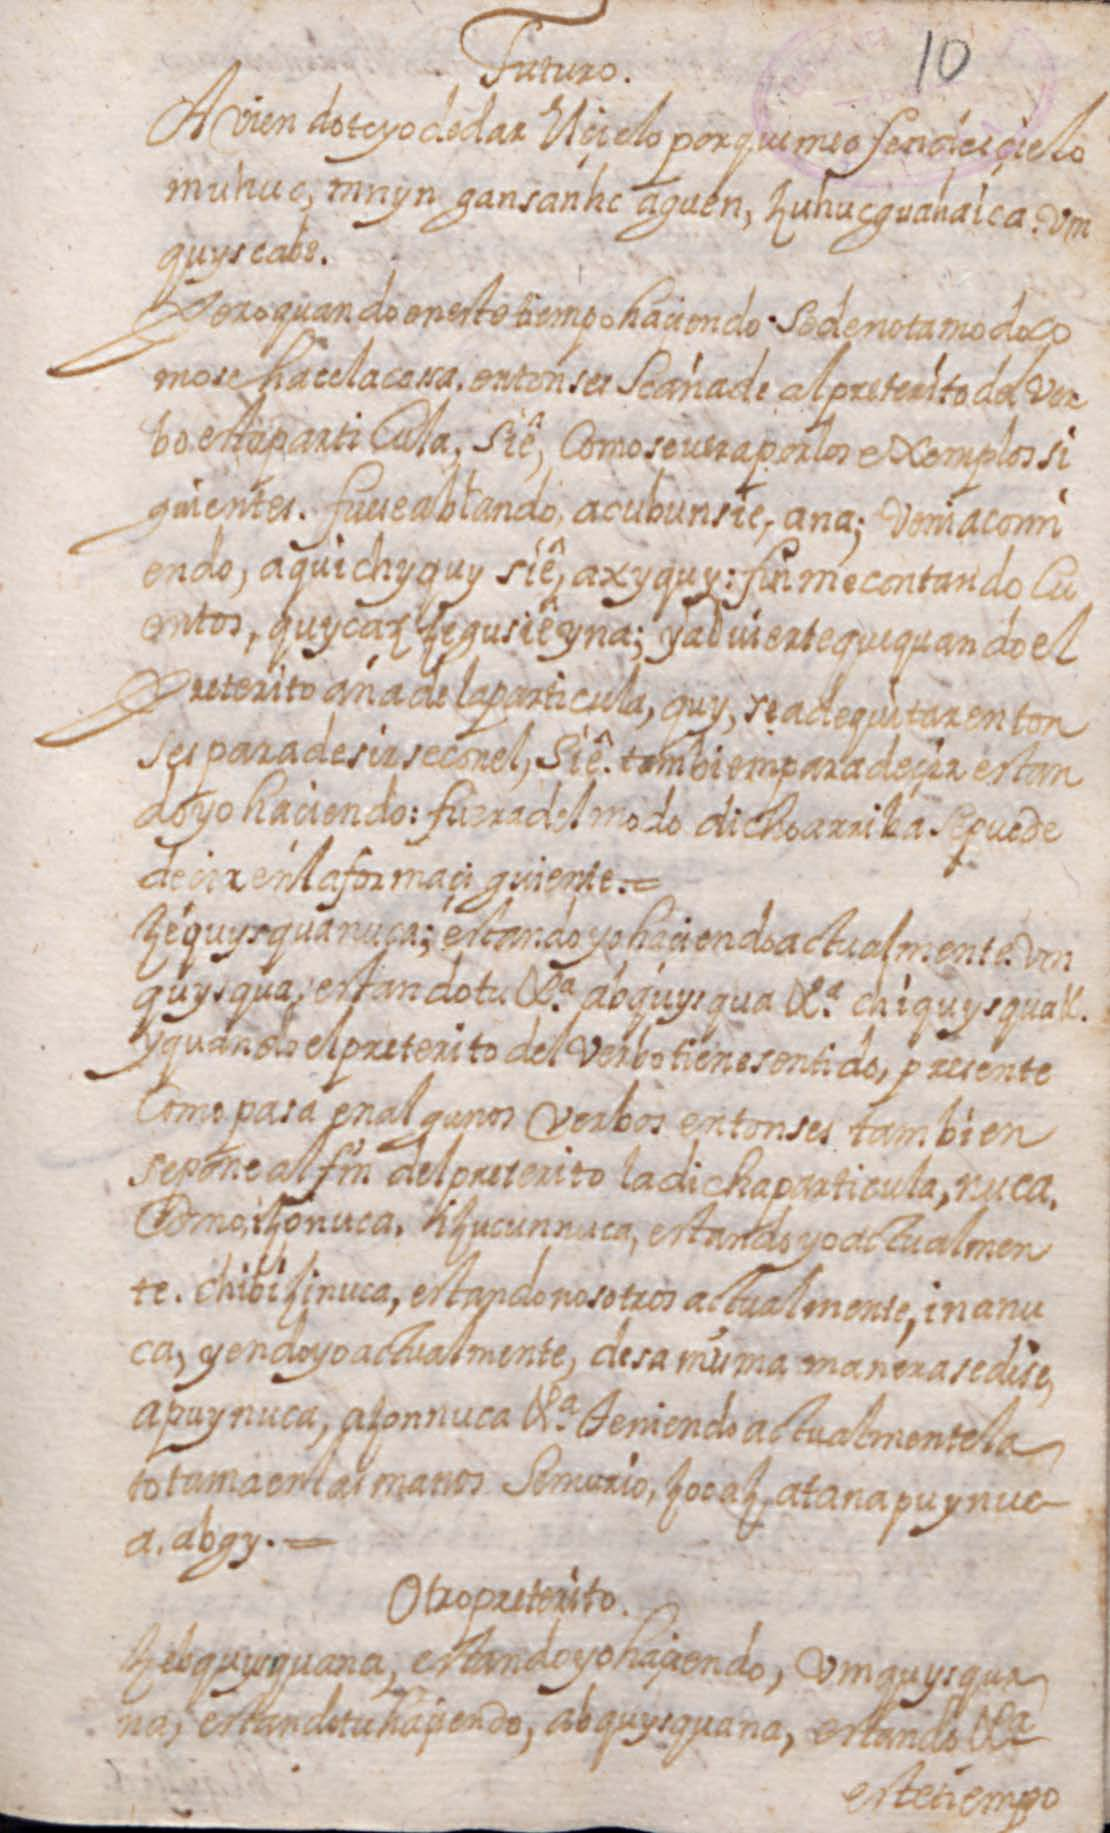 Manuscrito 158 BNC Gramatica - fol 10r.jpg